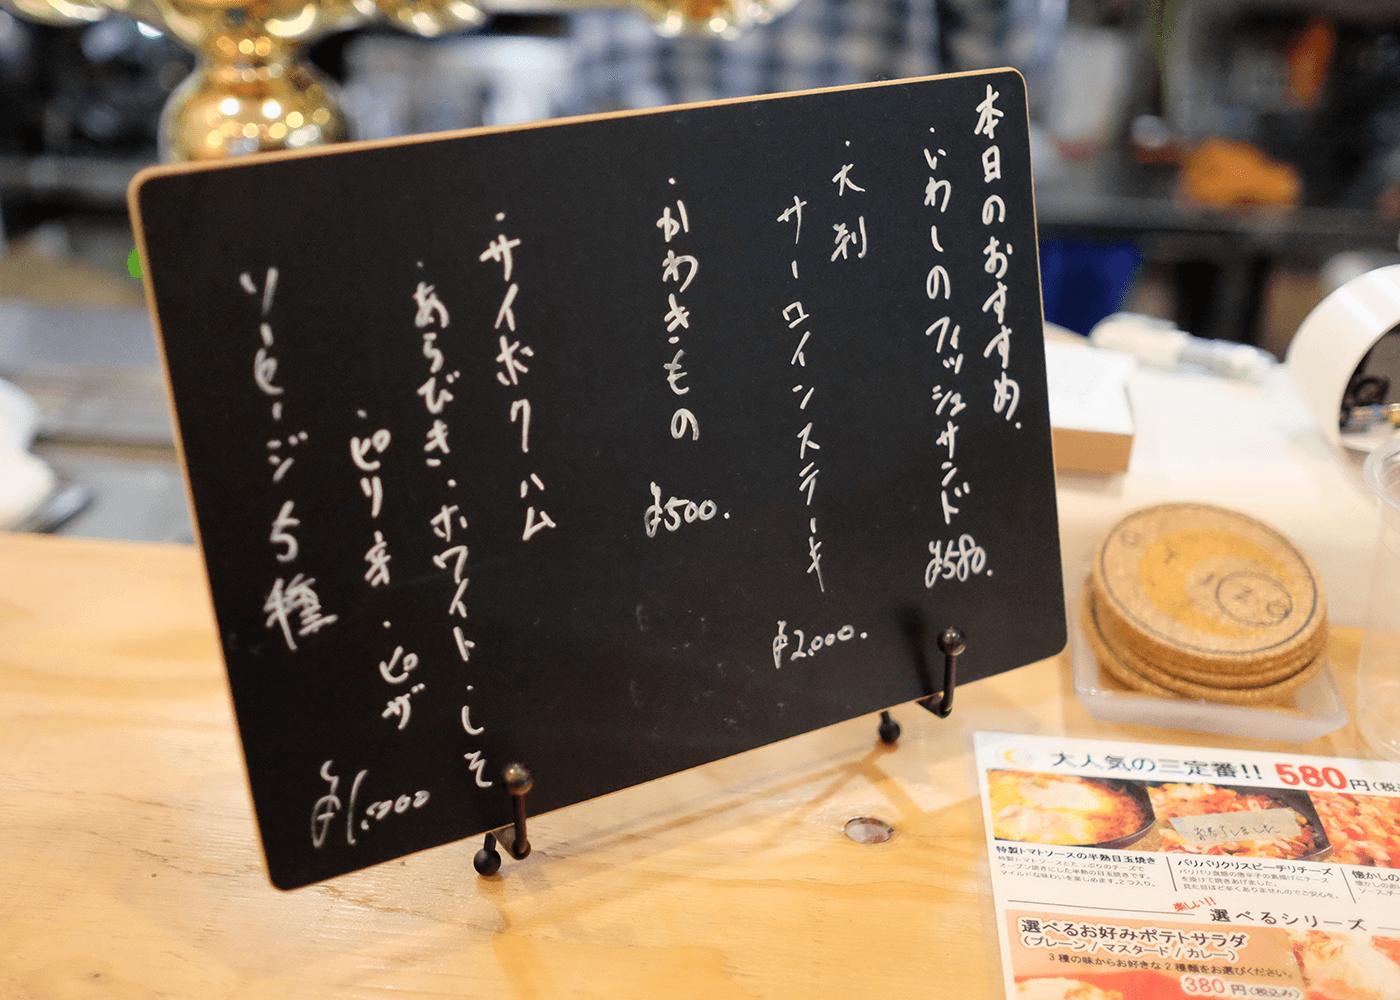 後藤醸造(ゴトウジョウゾウ)